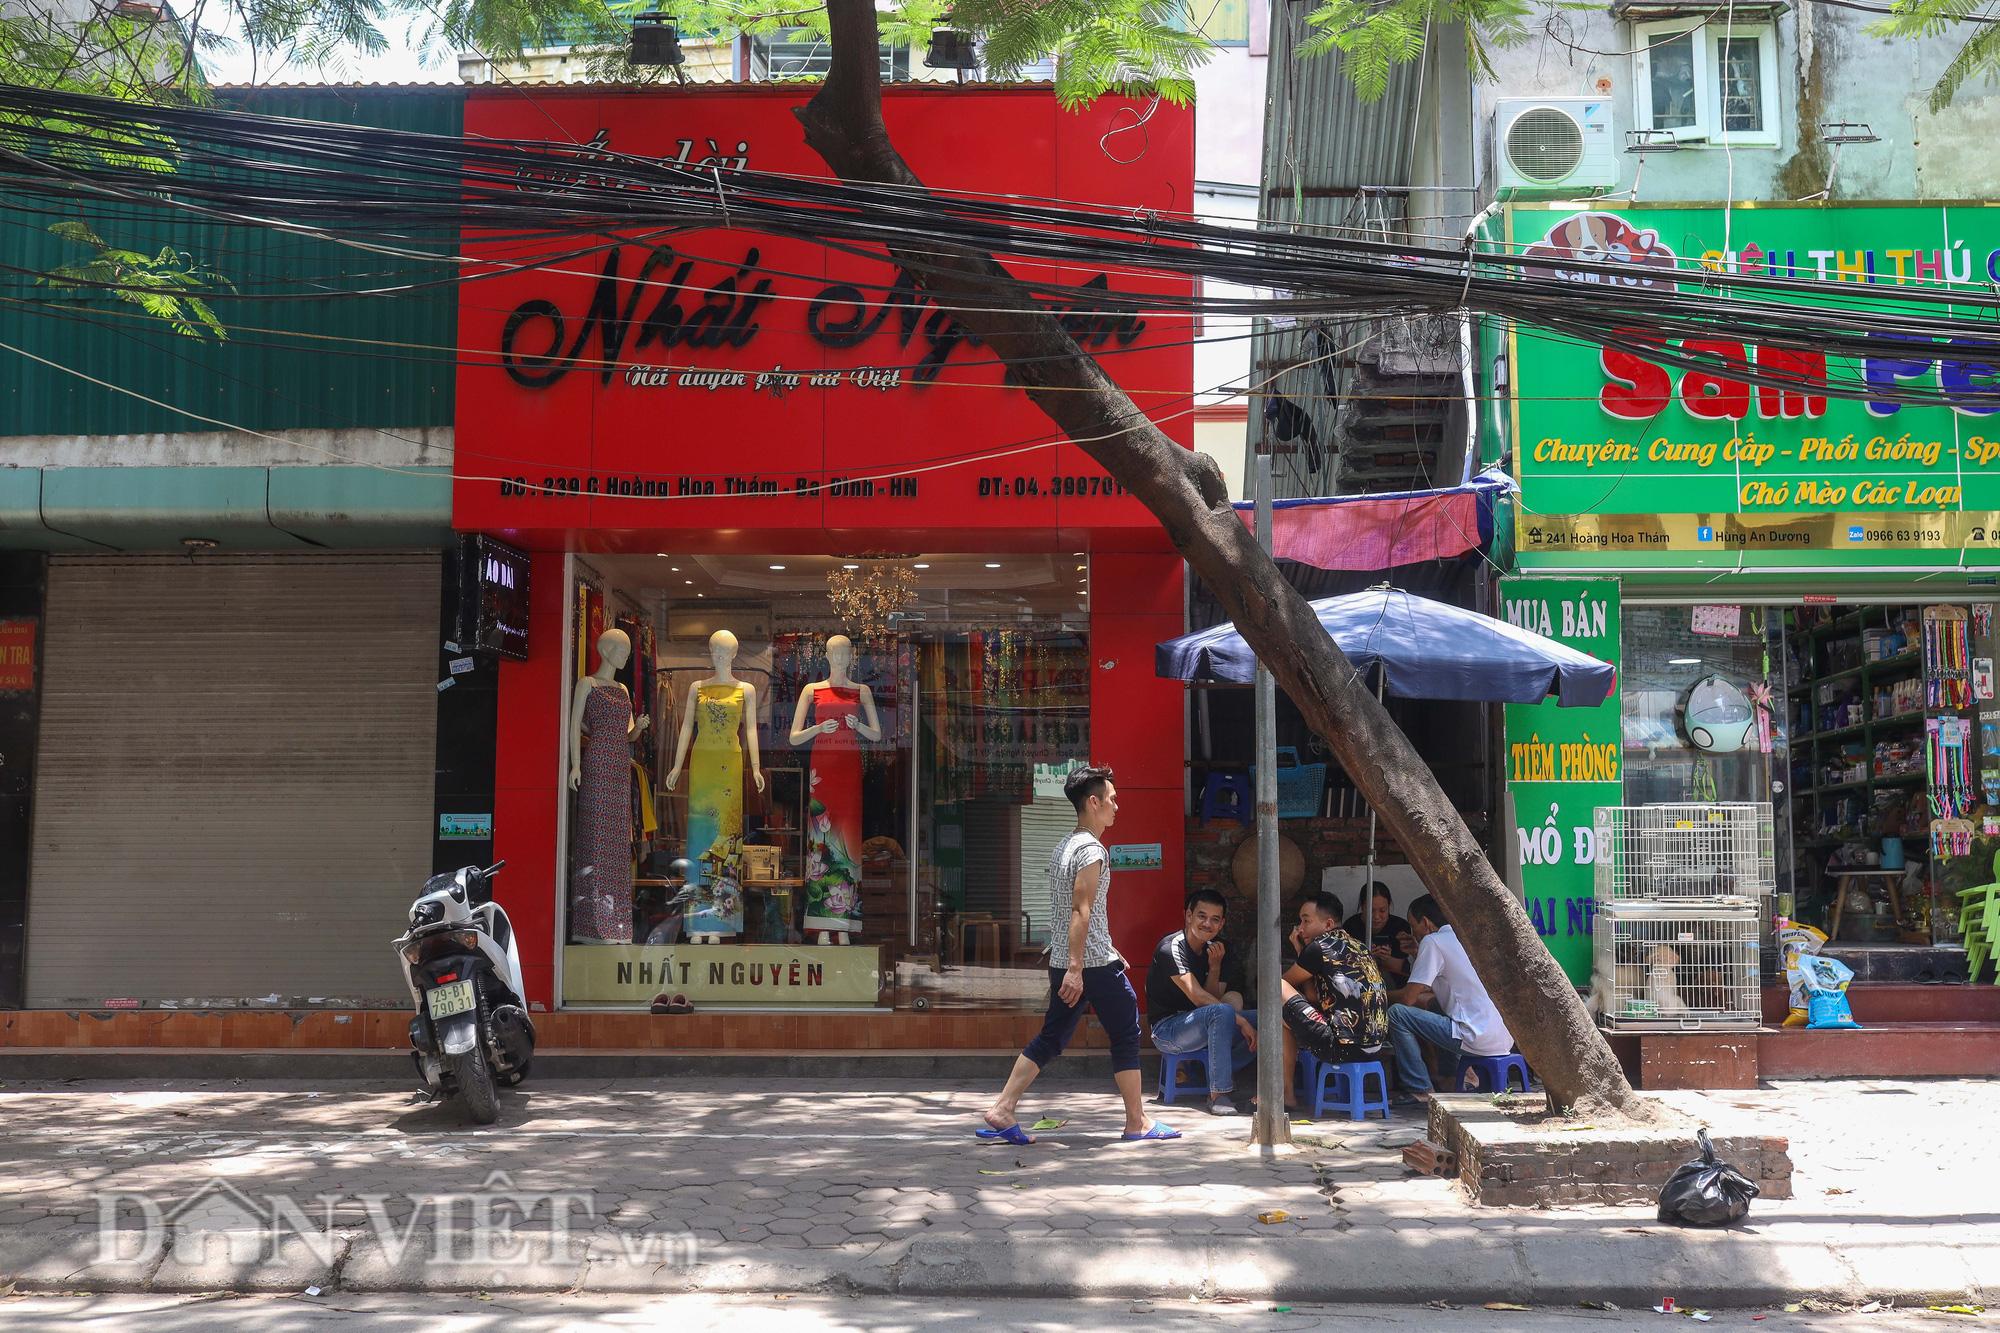 Ẩn hoạ đến từ những cây xanh chết khô trên đường phố Hà Nội - Ảnh 11.